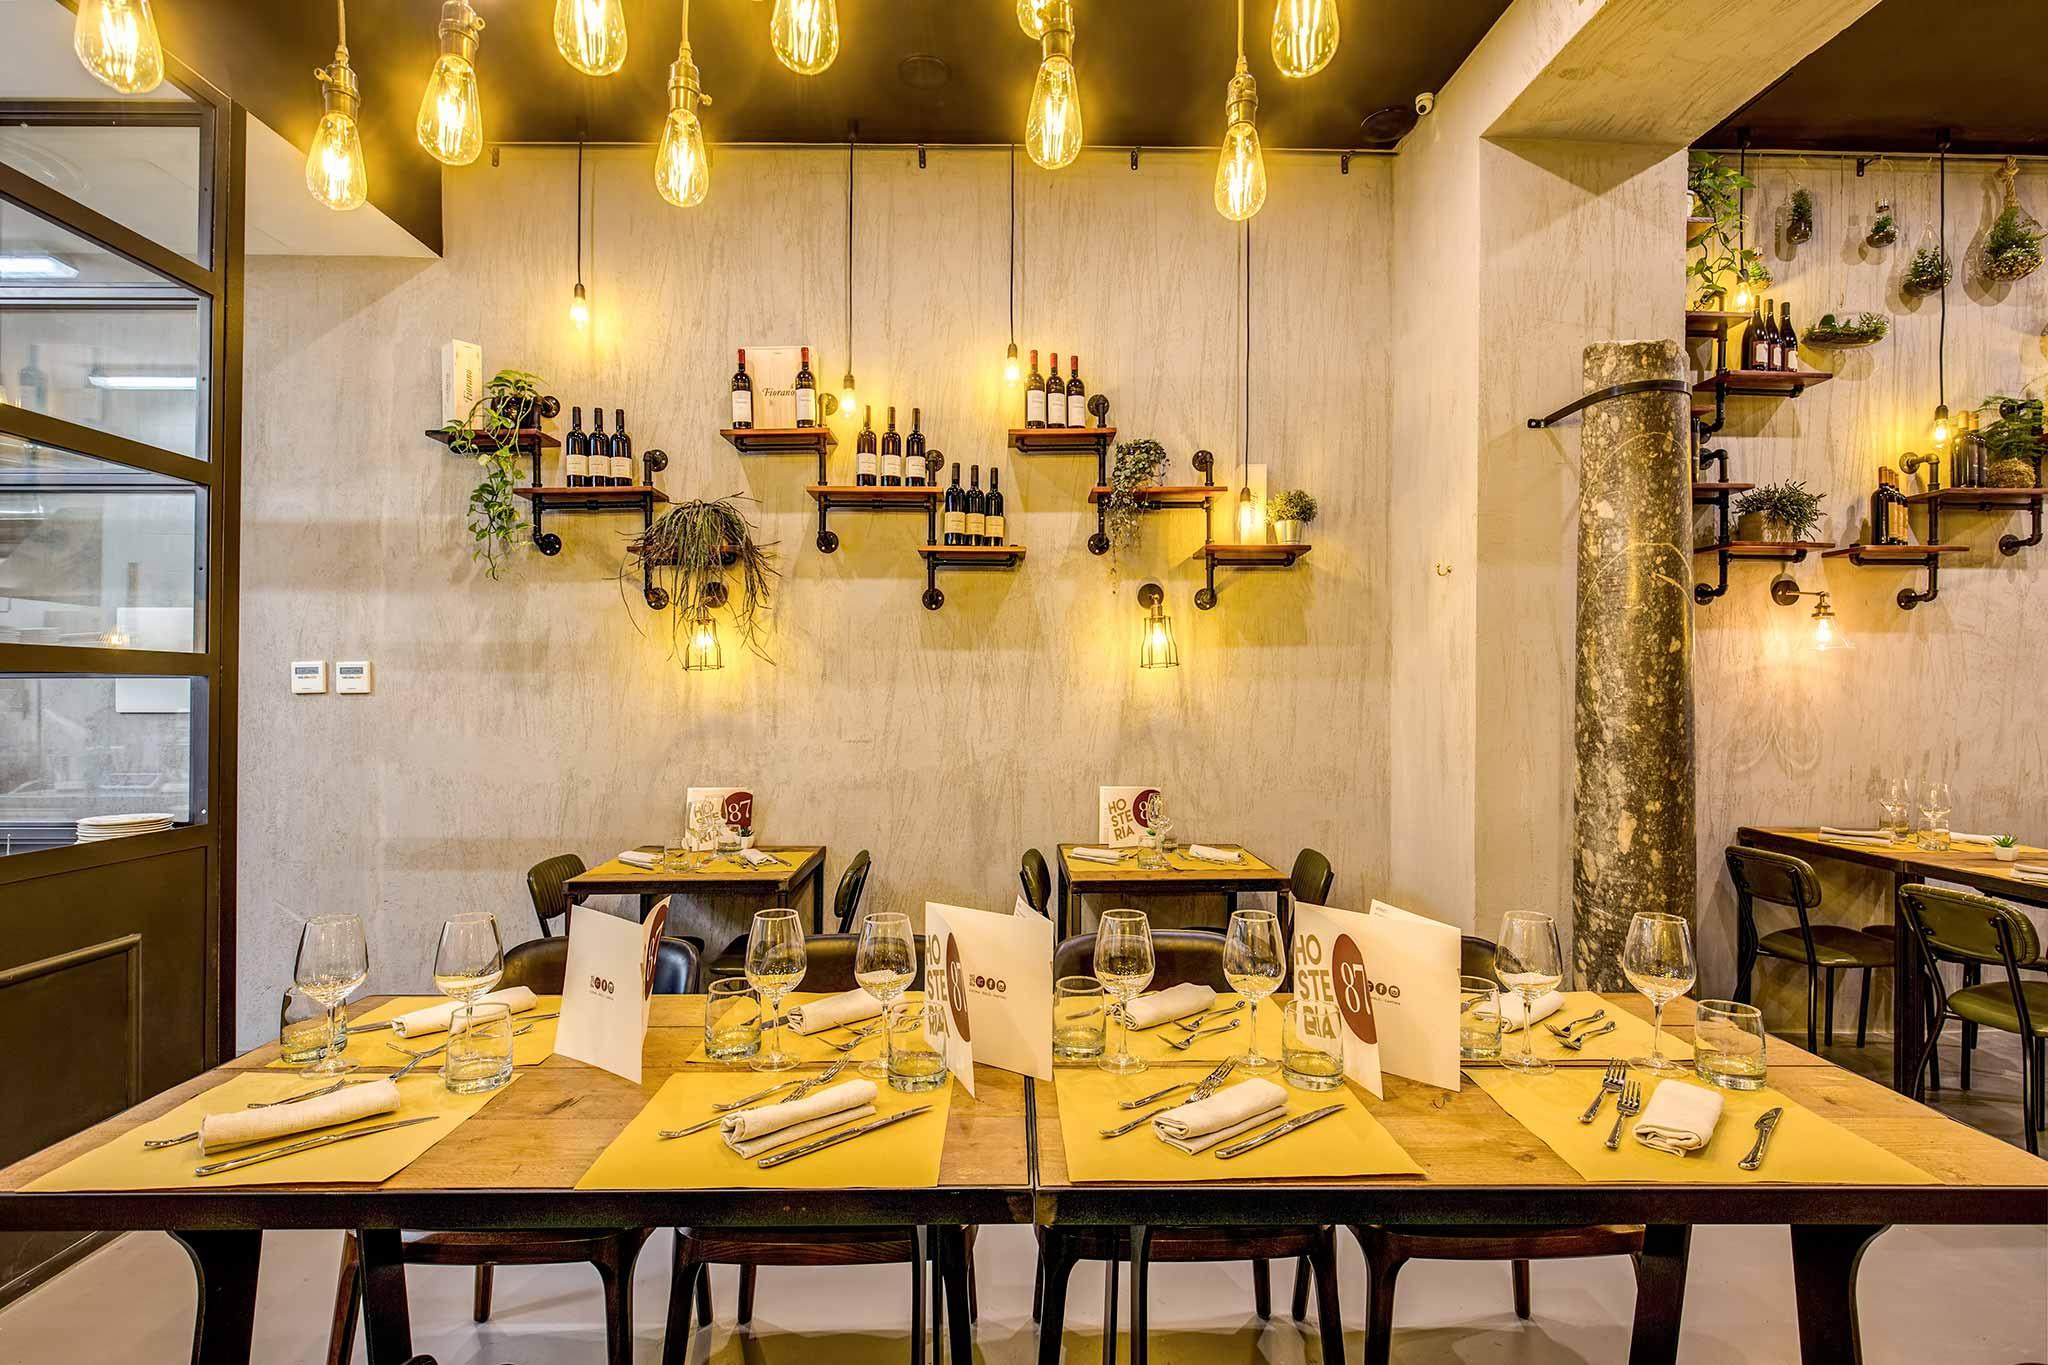 Roma la cucina di gioia spizzichino che ha aperto for Menu cucina romana